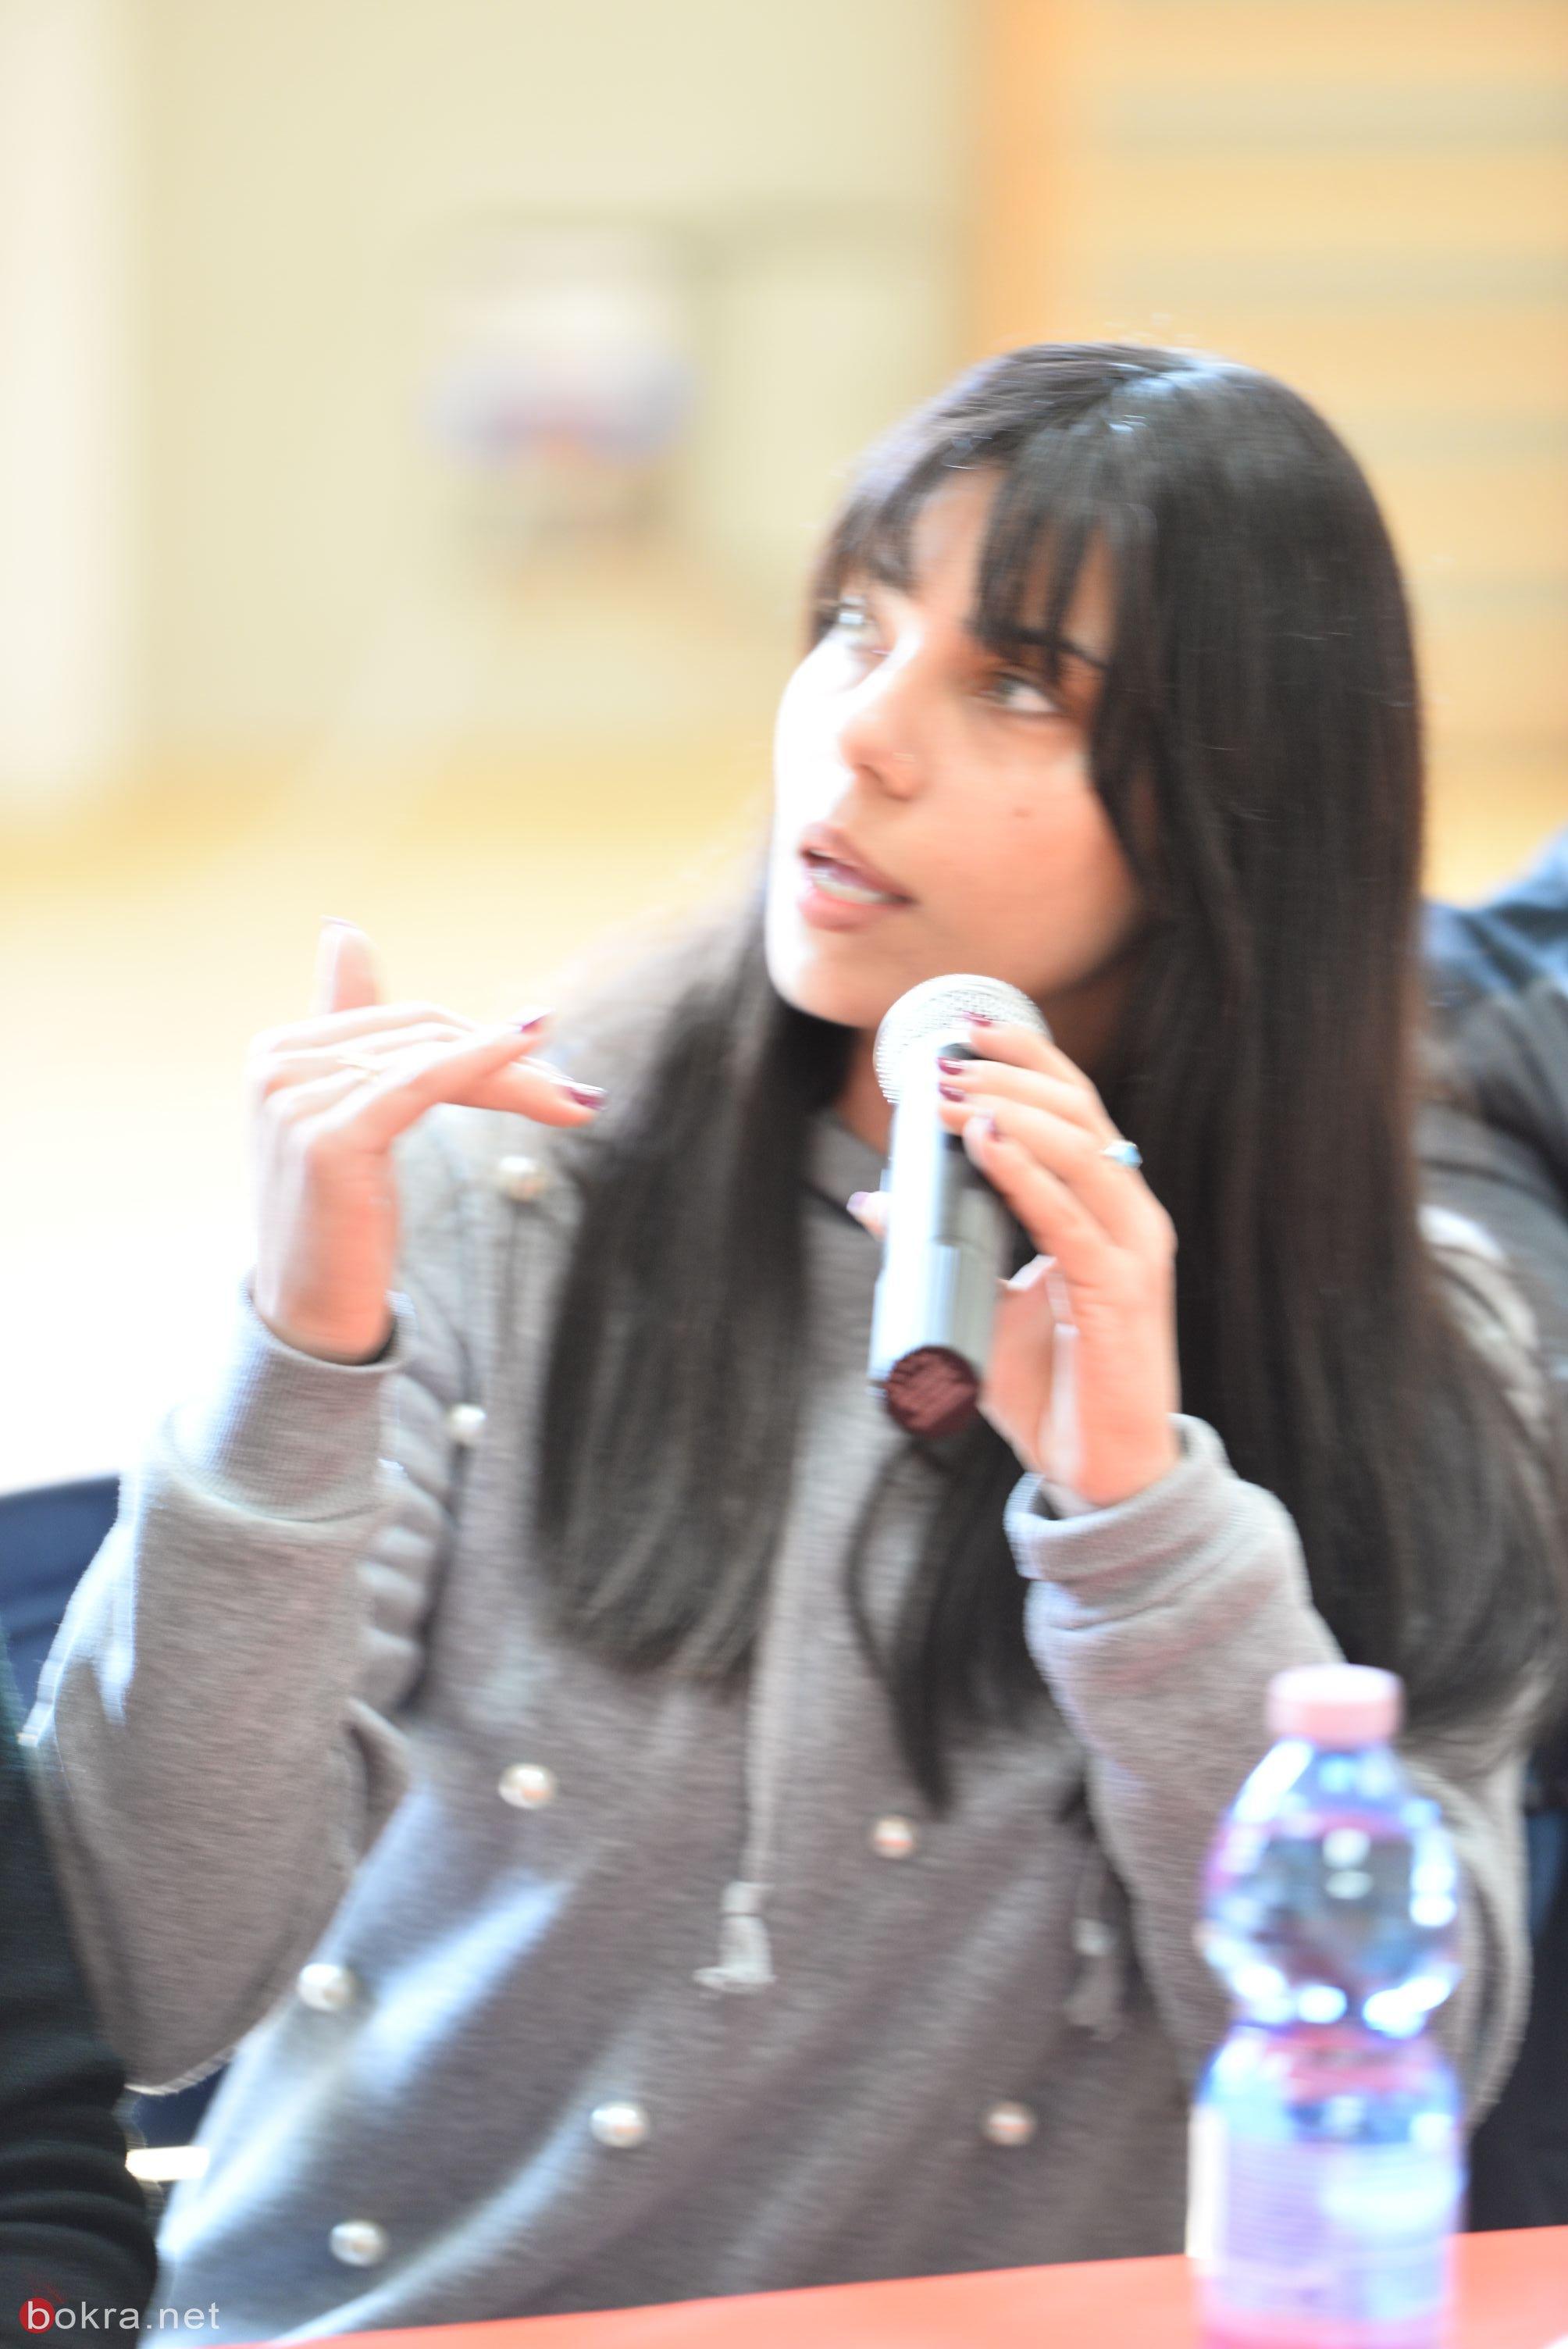 مشروع التربية نحو الديمقراطية في مدرسة اورط حلمي الشافعي عكا